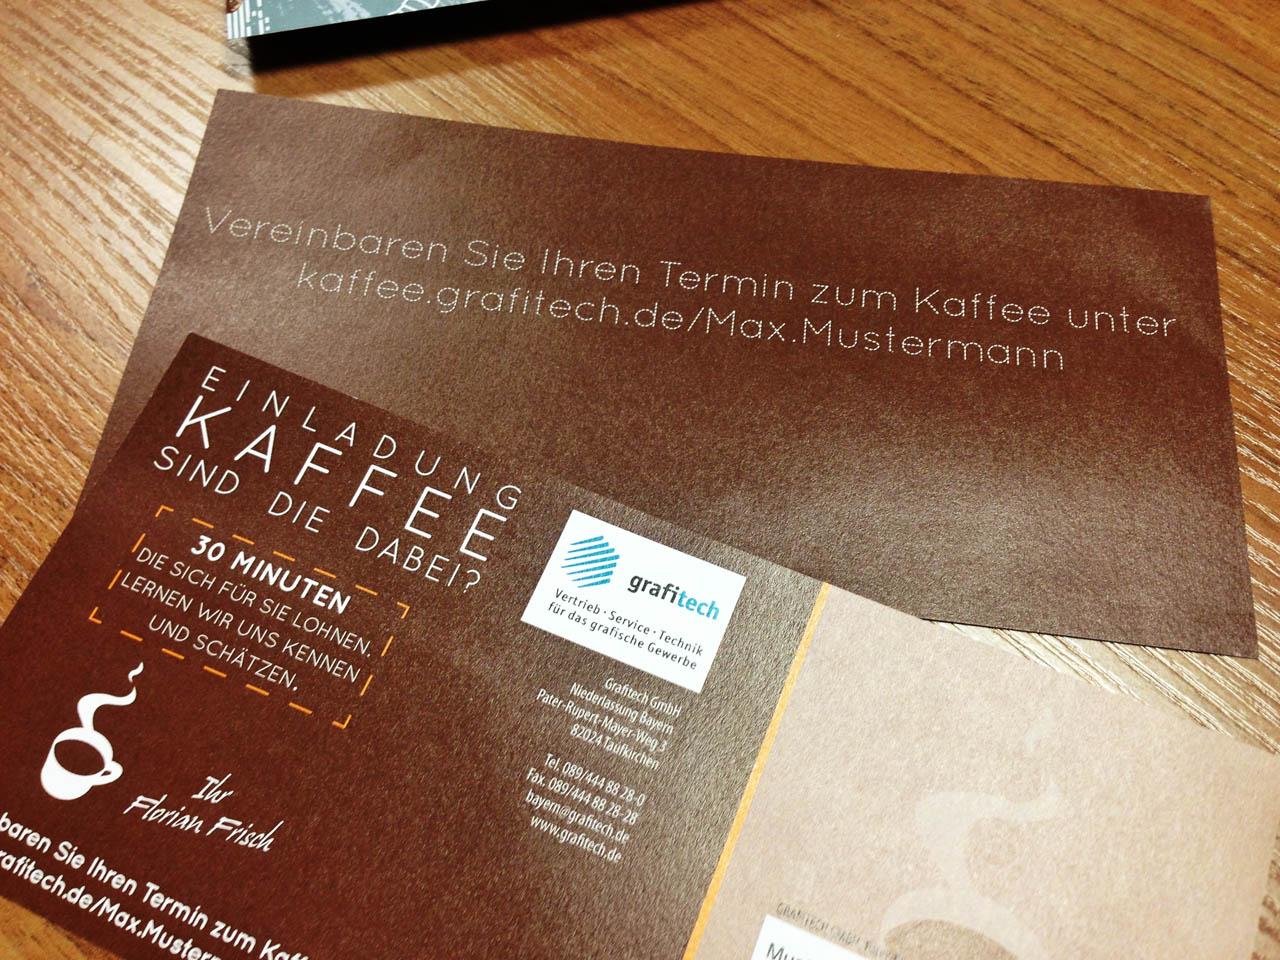 fks_kaffee_vertriebsunterstuetzung_personalisiertes_mailing